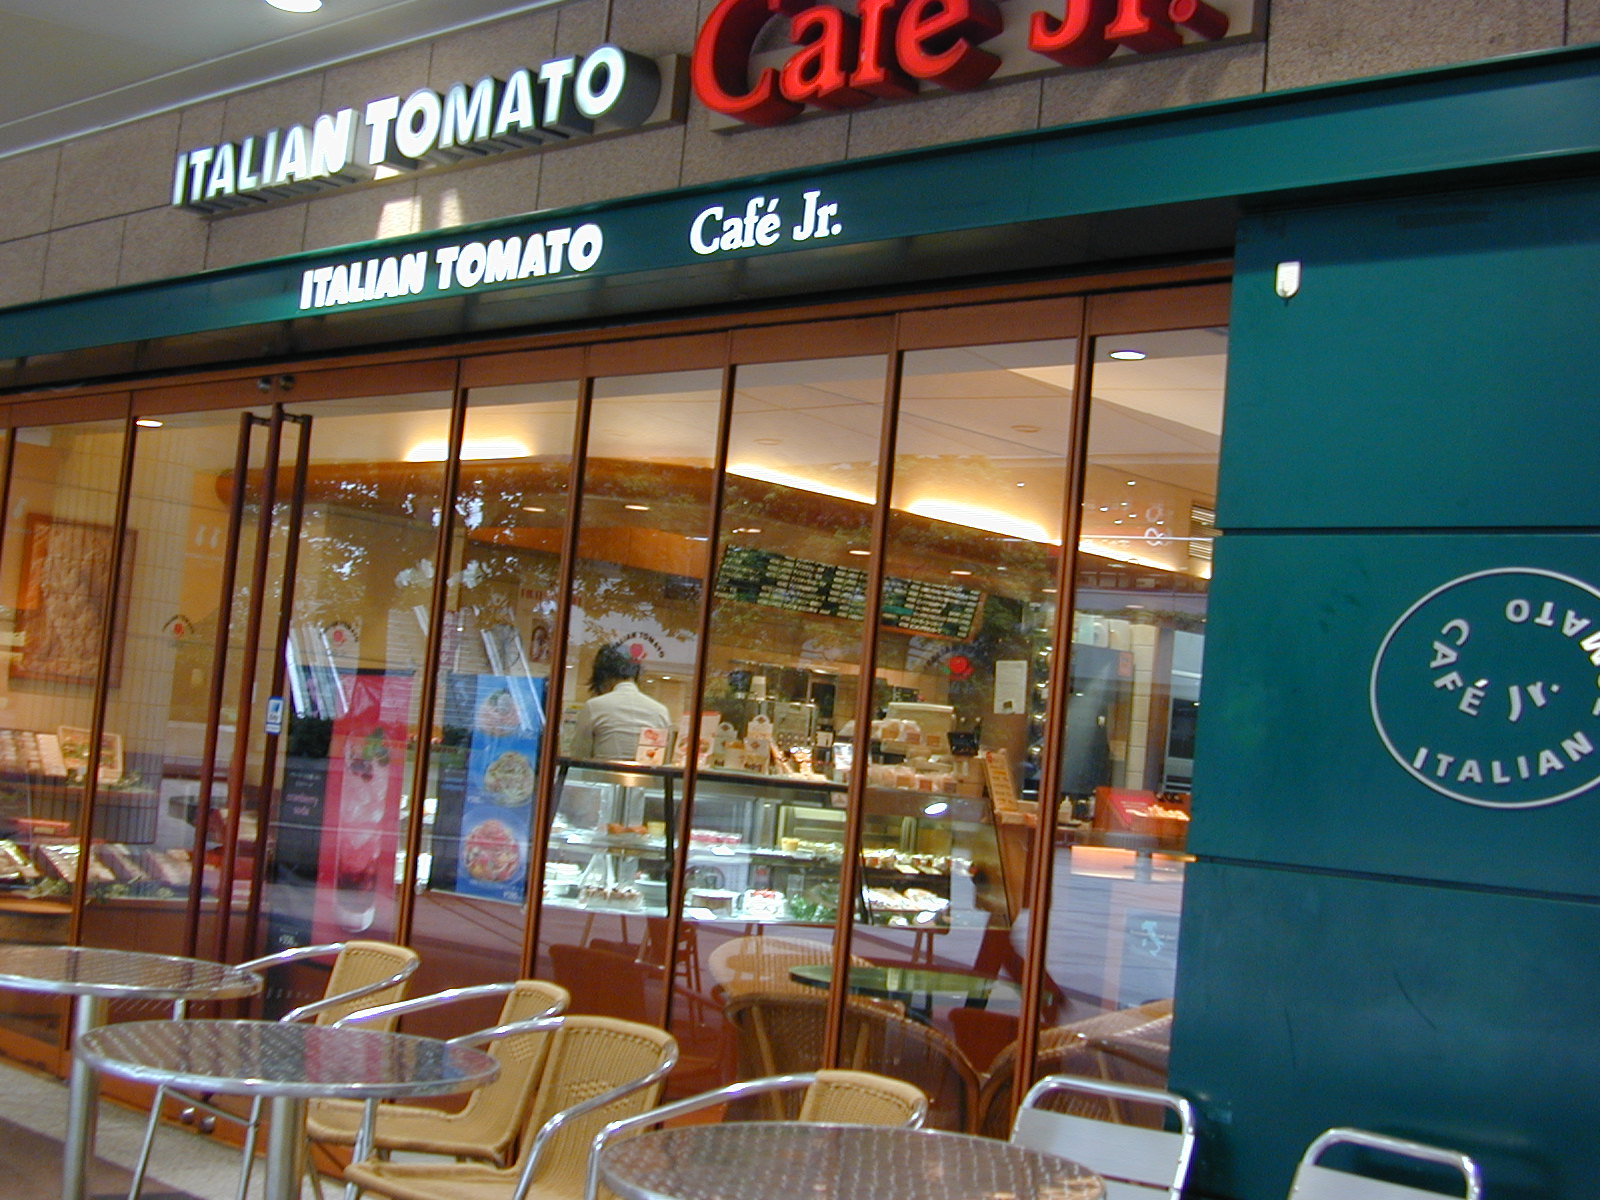 イタリアン・トマトカフェジュニア 品川シーサイドフォレスト店